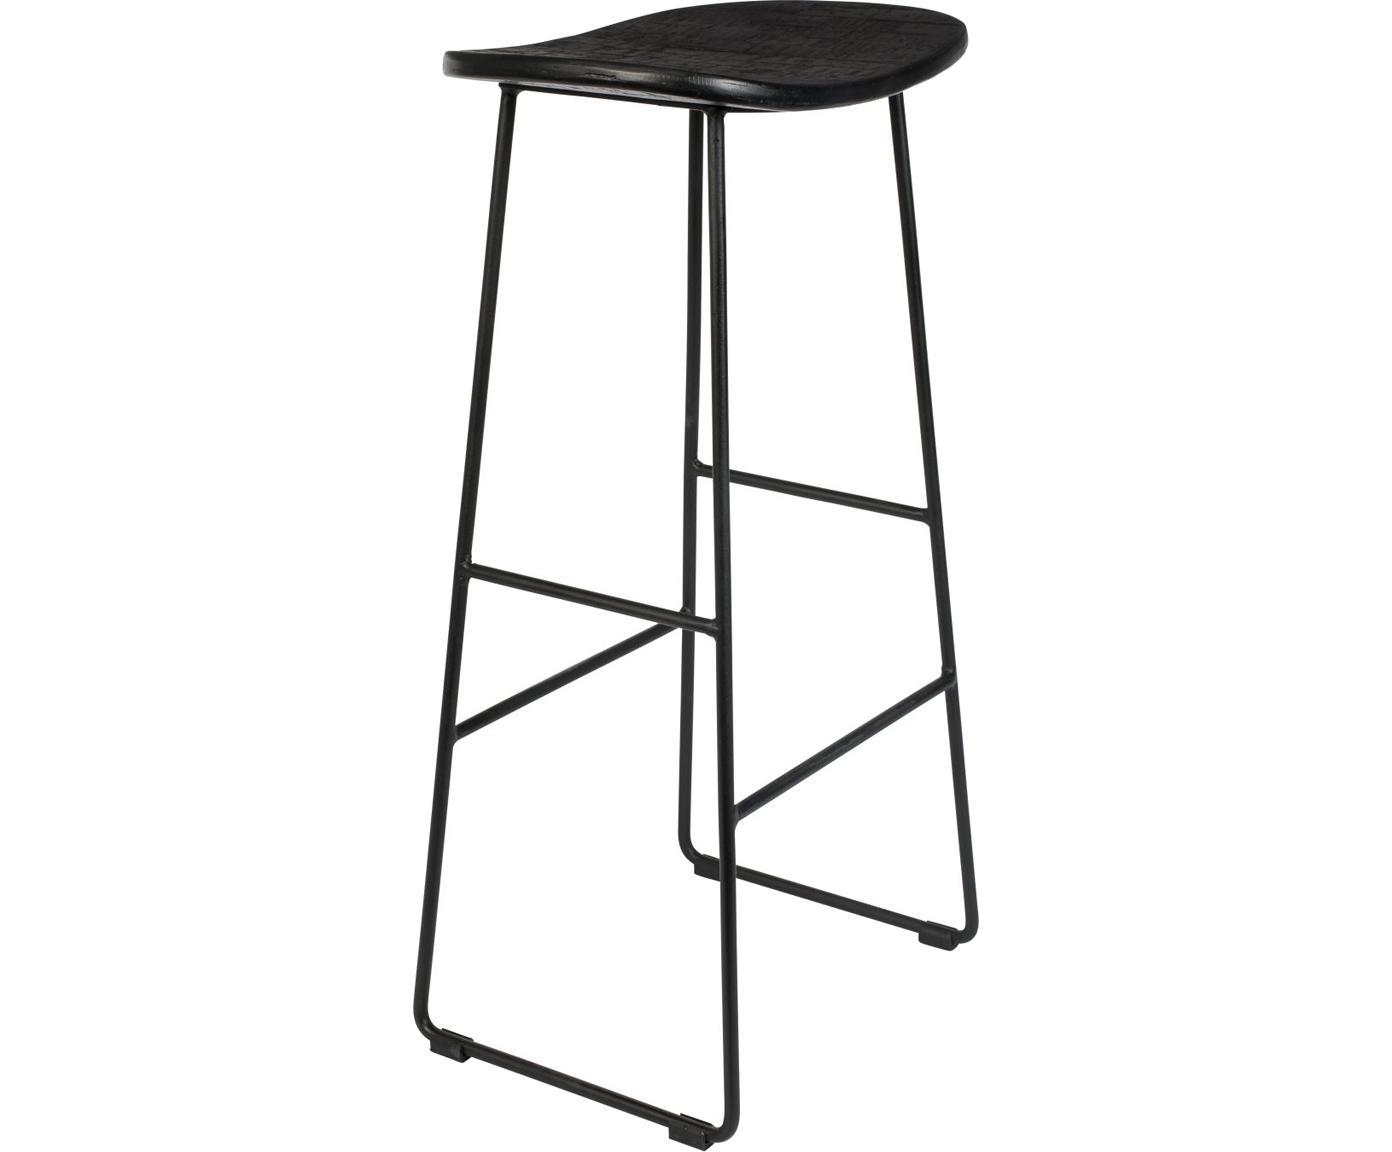 Sgabello da bar in nero Tangle, Seduta: teak riciclato laccato, Gambe: metallo verniciato a polv, Nero, Larg. 40 x Alt. 80 cm